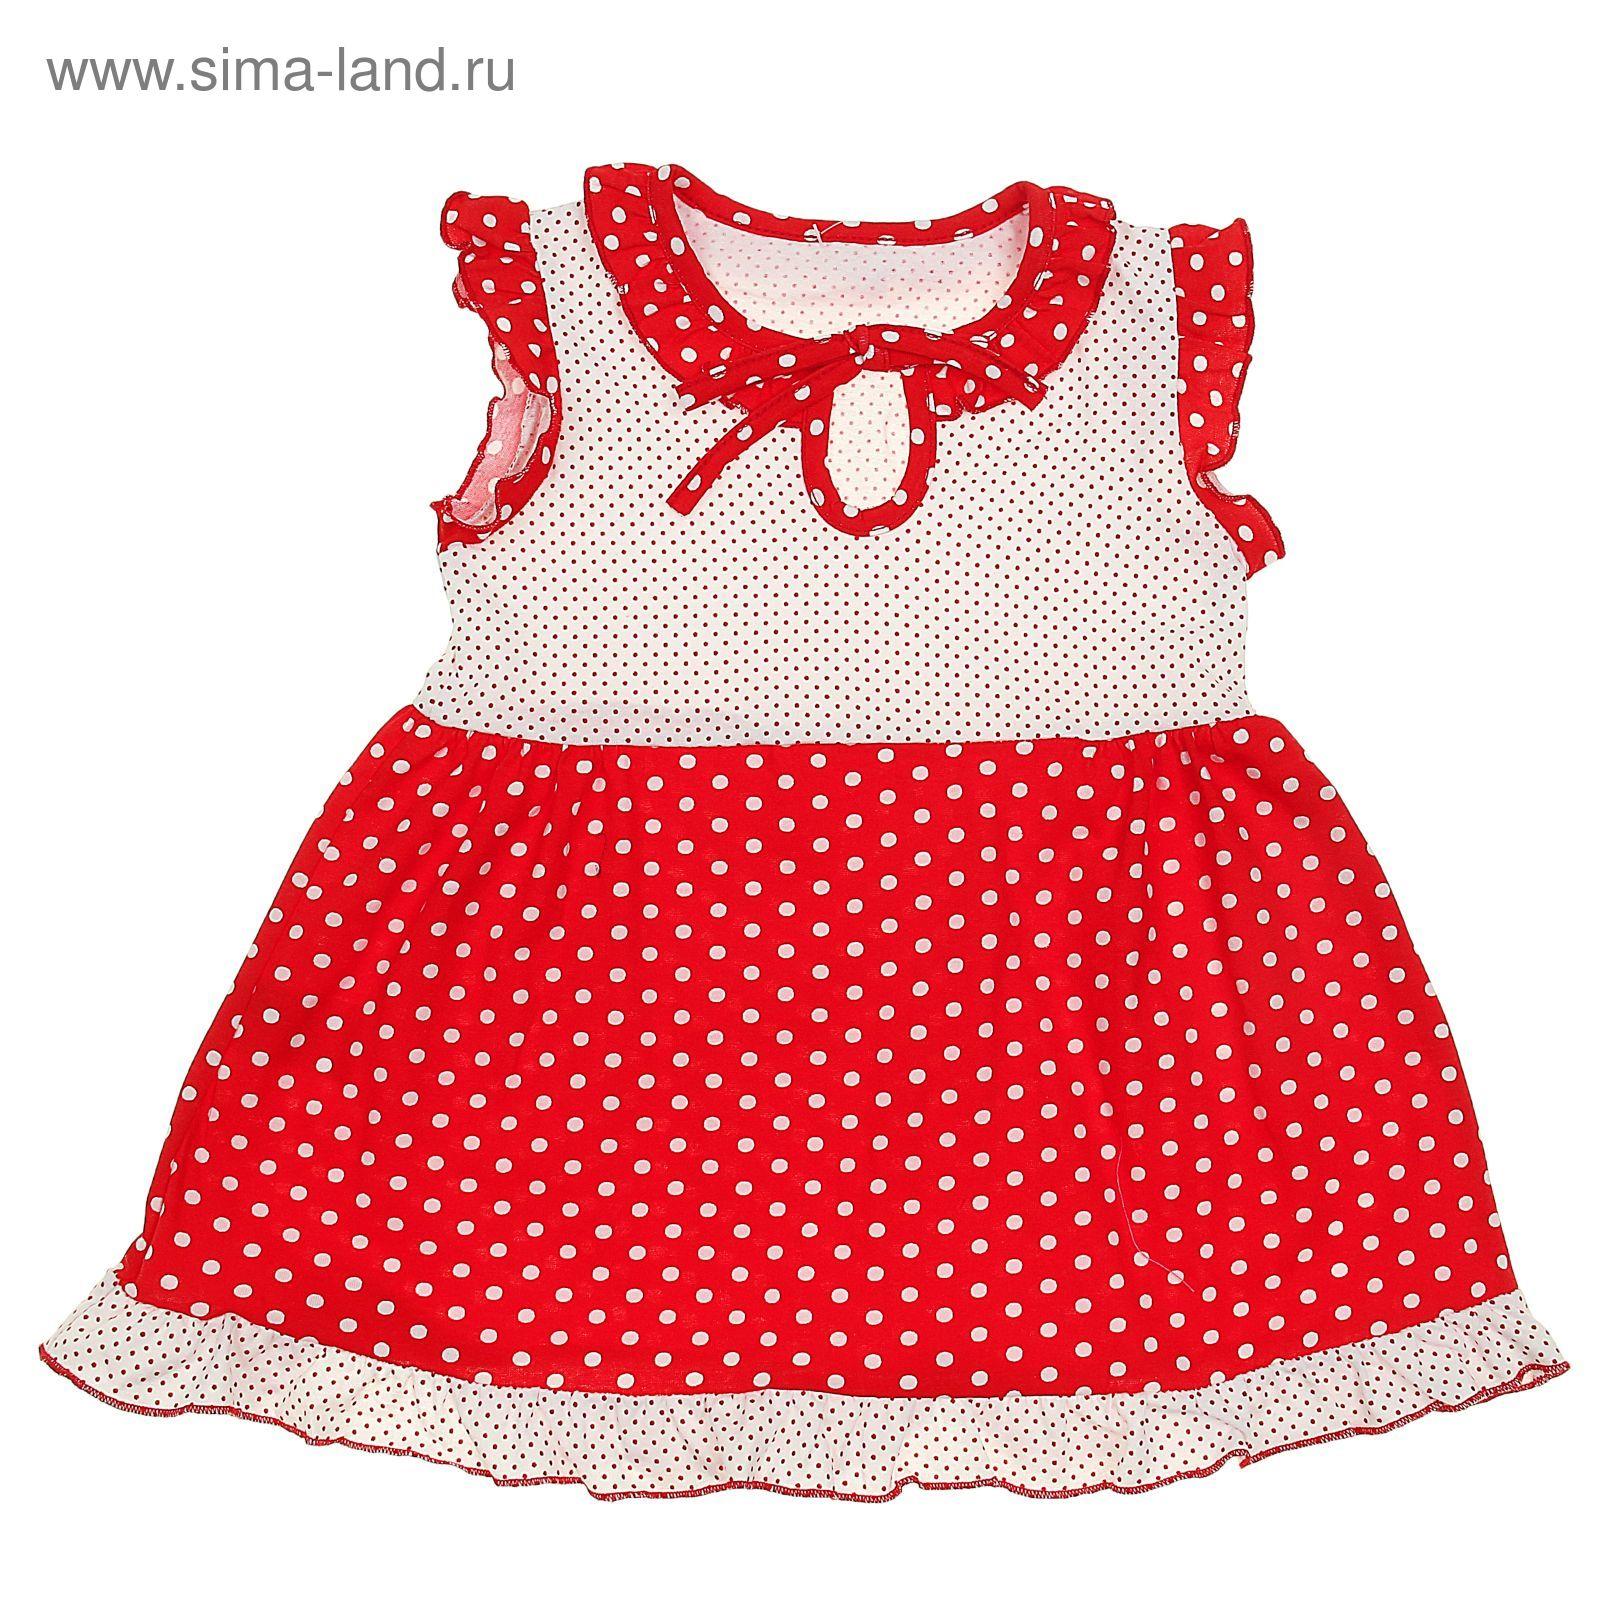 c66be36e0f9 Платье